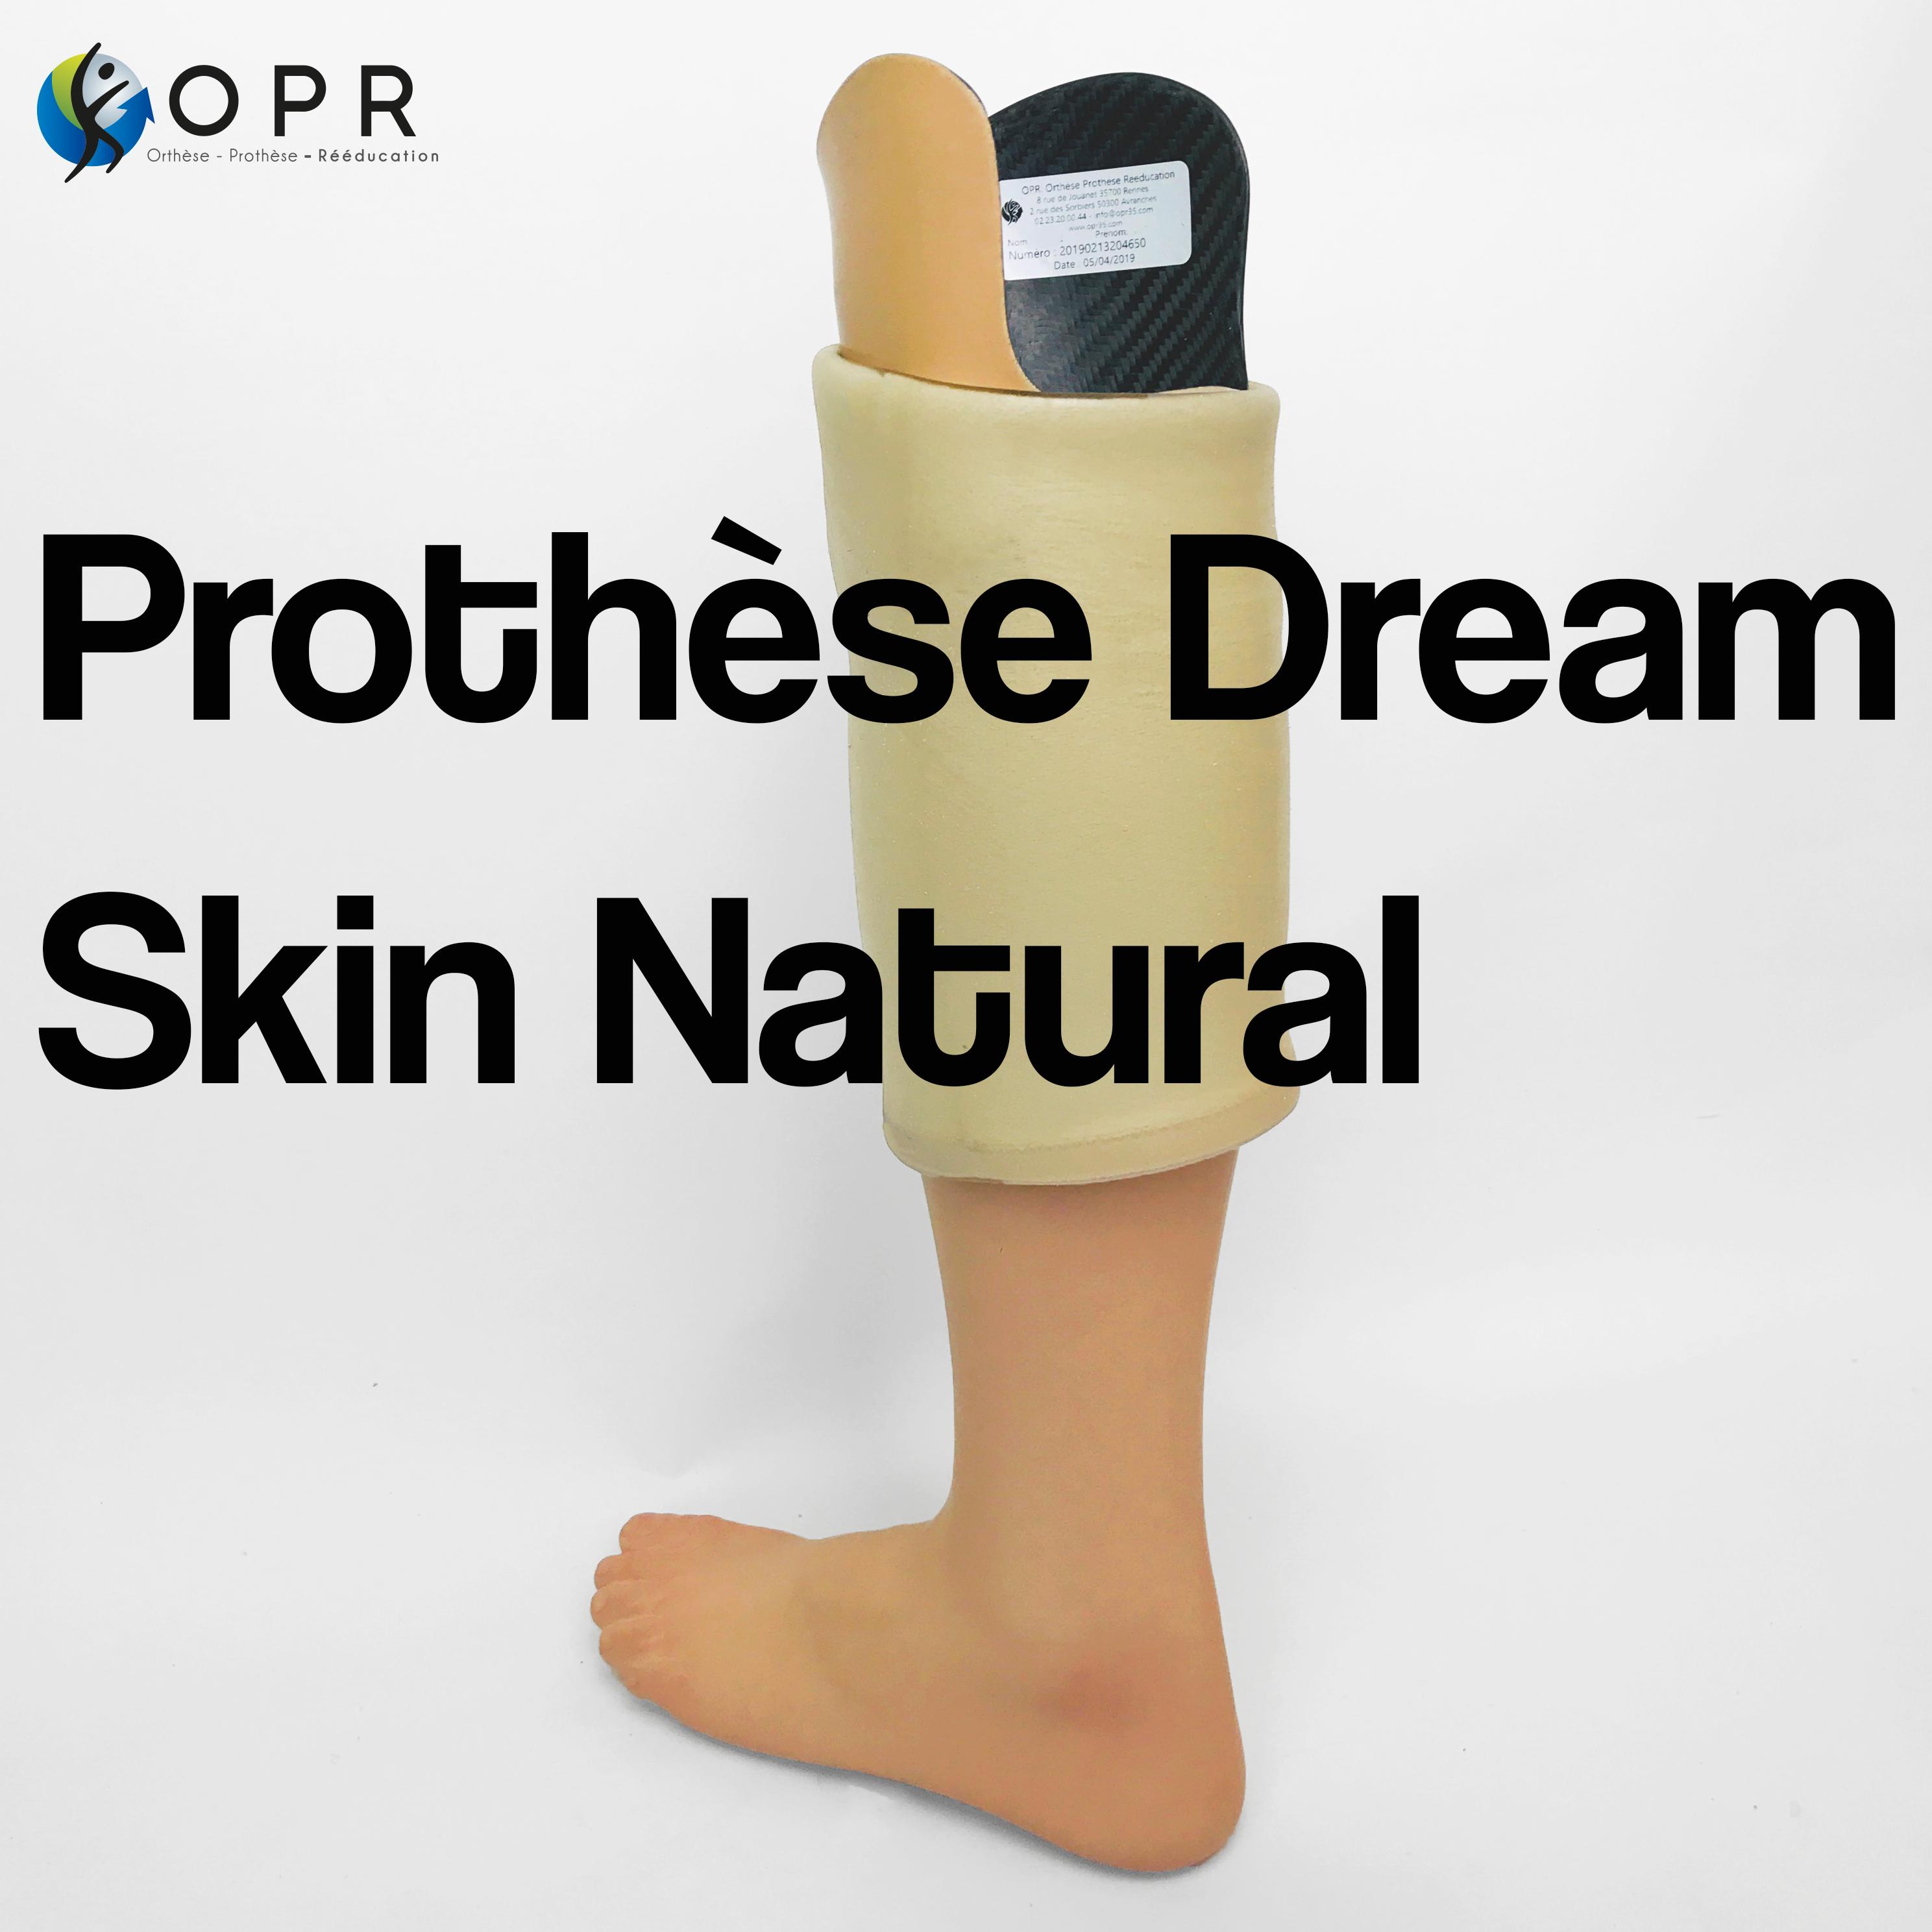 Prothèse avec esthétique en silicone intégrale Dream Skin Natural